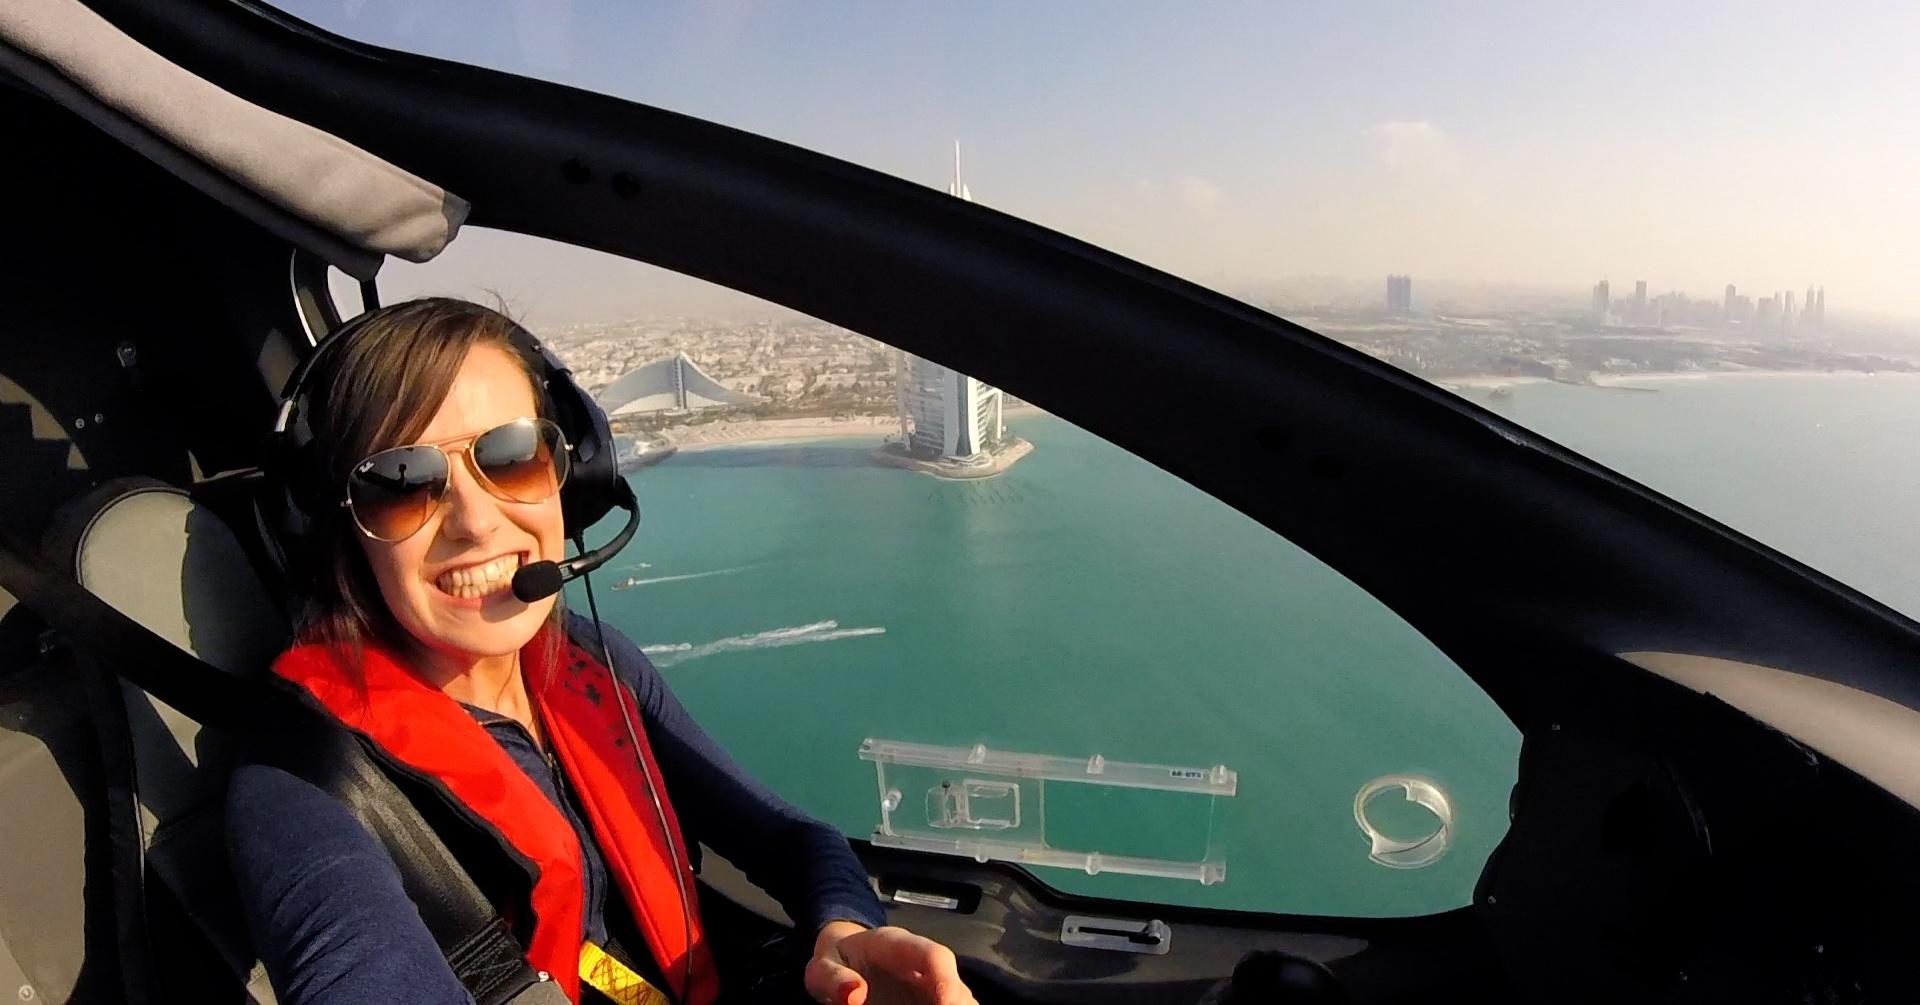 Gyrocopter Skyhub Skydive Dubai